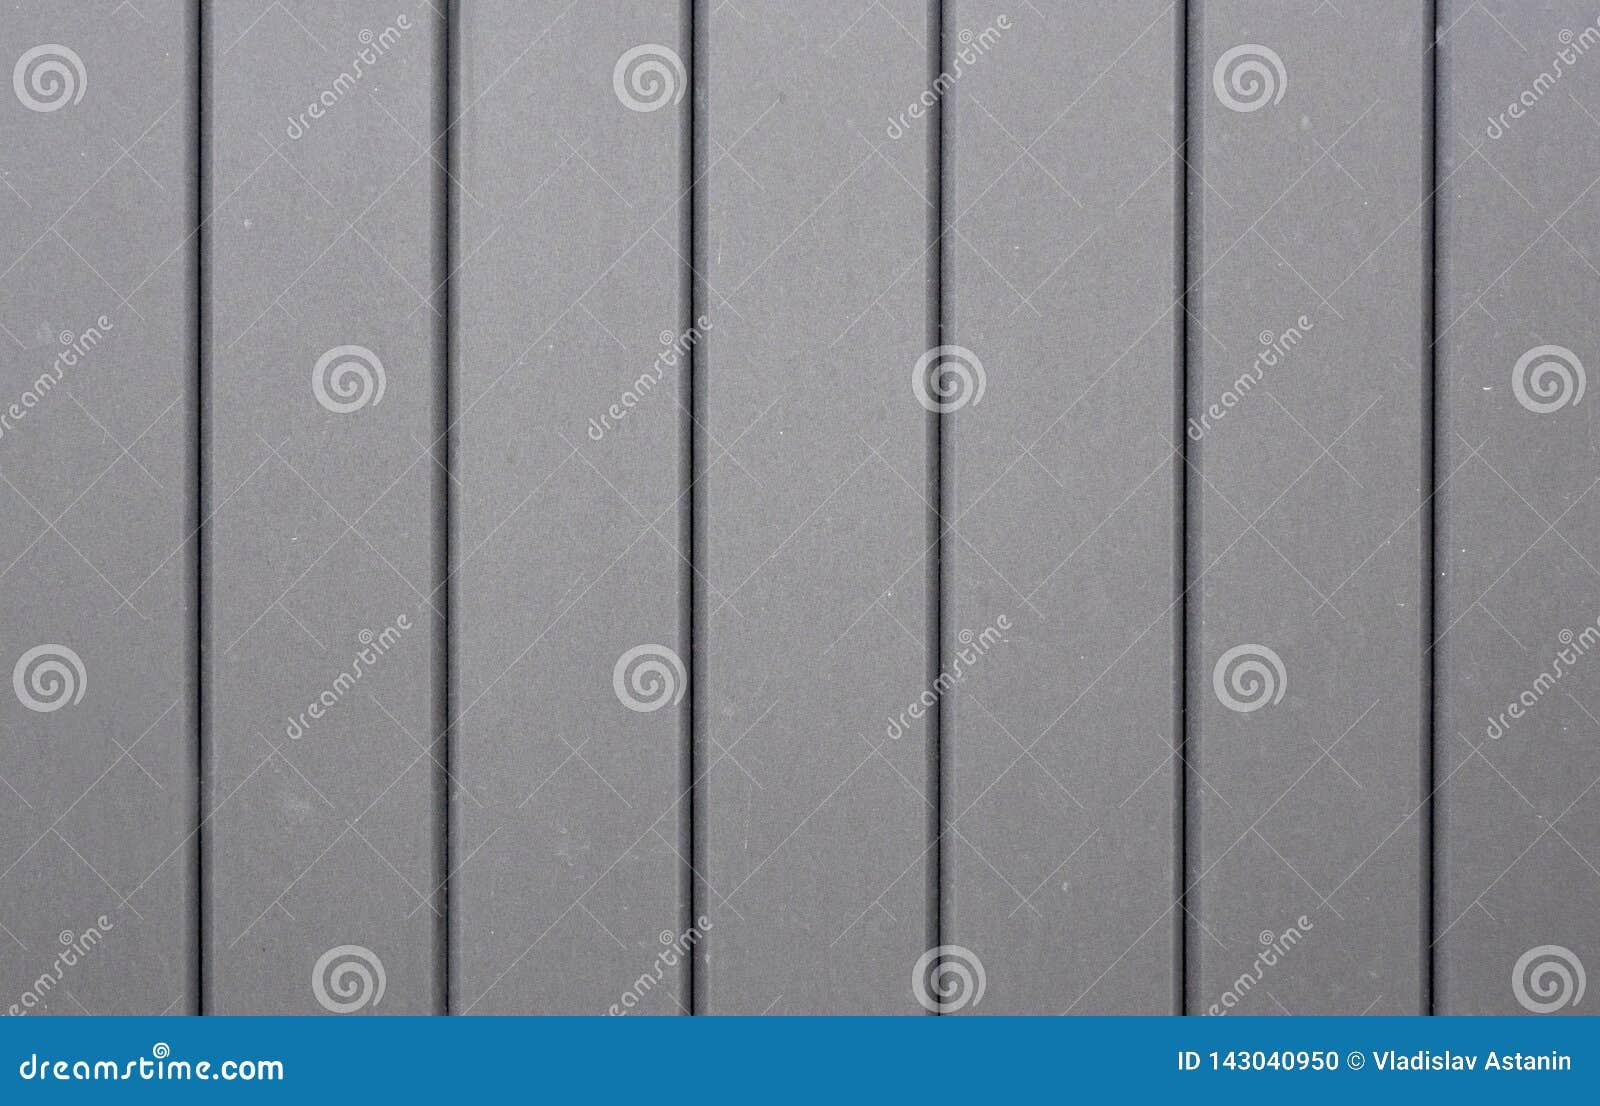 Mur foncé de fond avec des rayures à